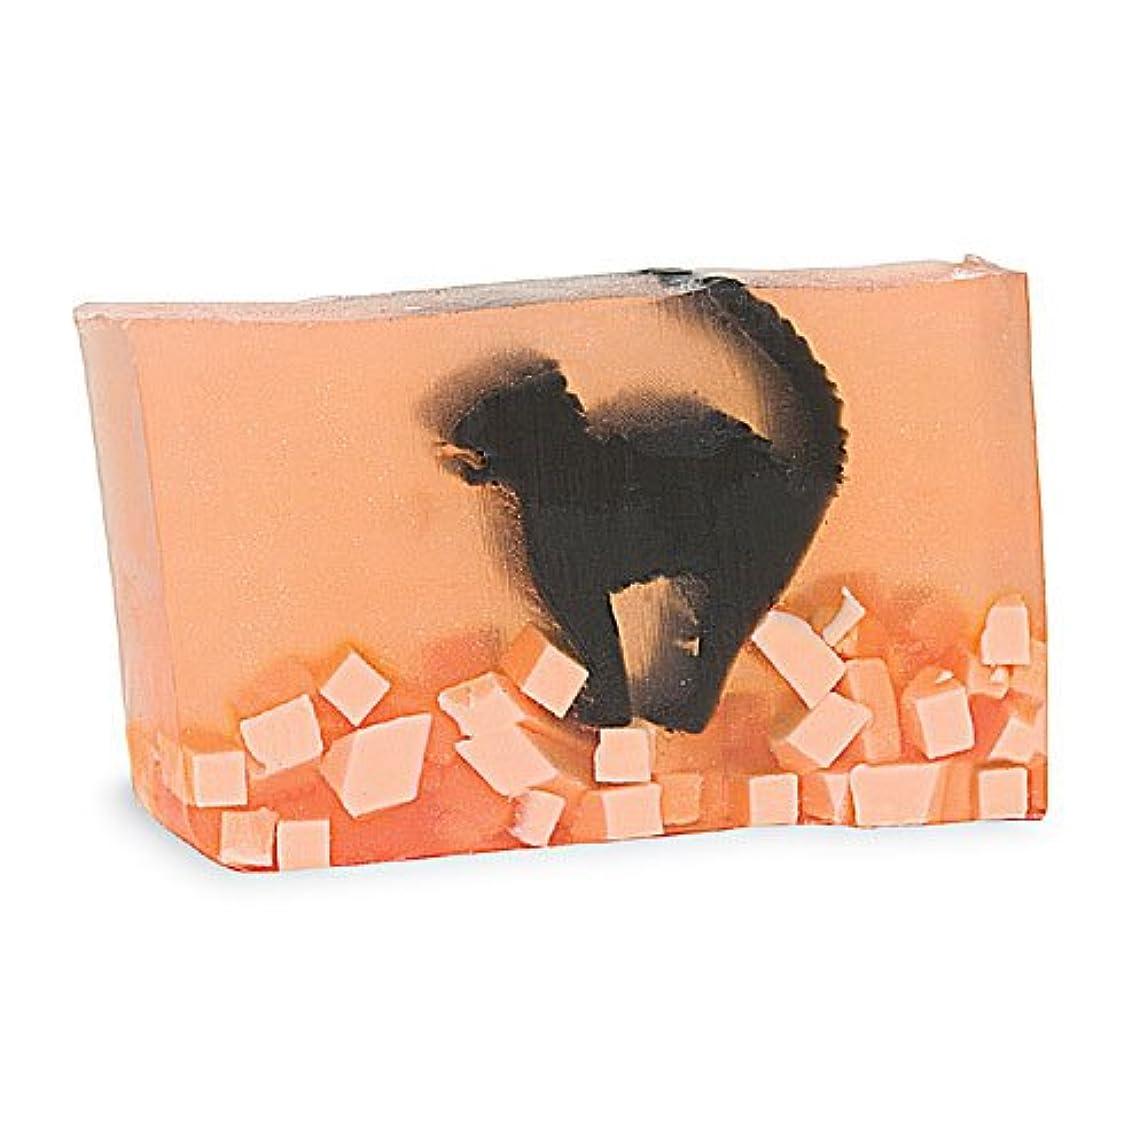 印象的なチューリップ干ばつプライモールエレメンツ アロマティック ソープ スケアディキャット 180g ハロウィンにおすすめ植物性のナチュラル石鹸